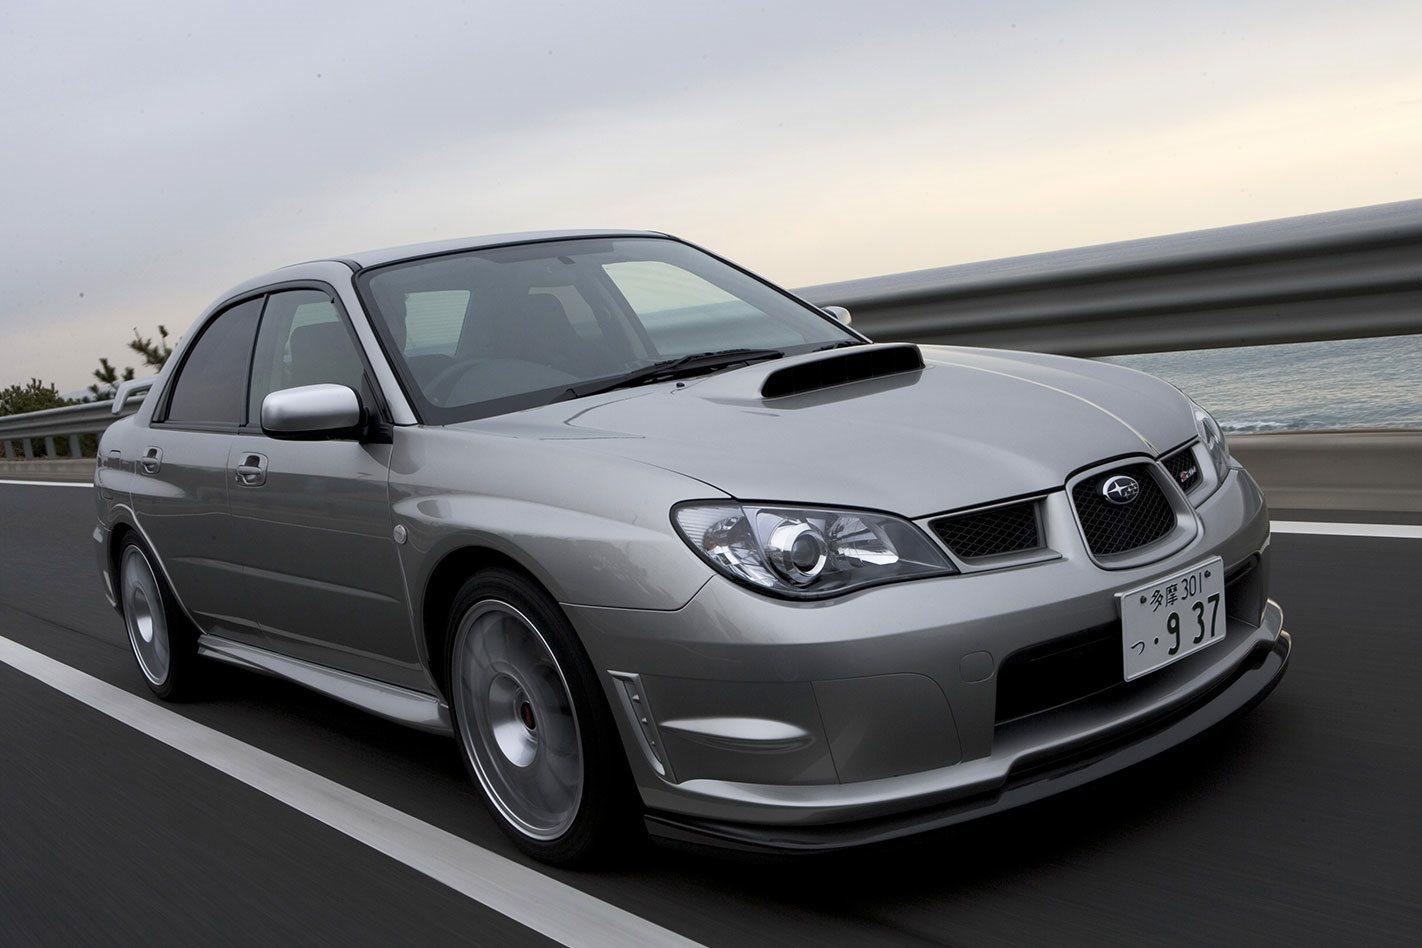 Subaru Wrx Sti Impreza 2017 >> 2006 Subaru Impreza WRX S204 STi review: Classic MOTOR